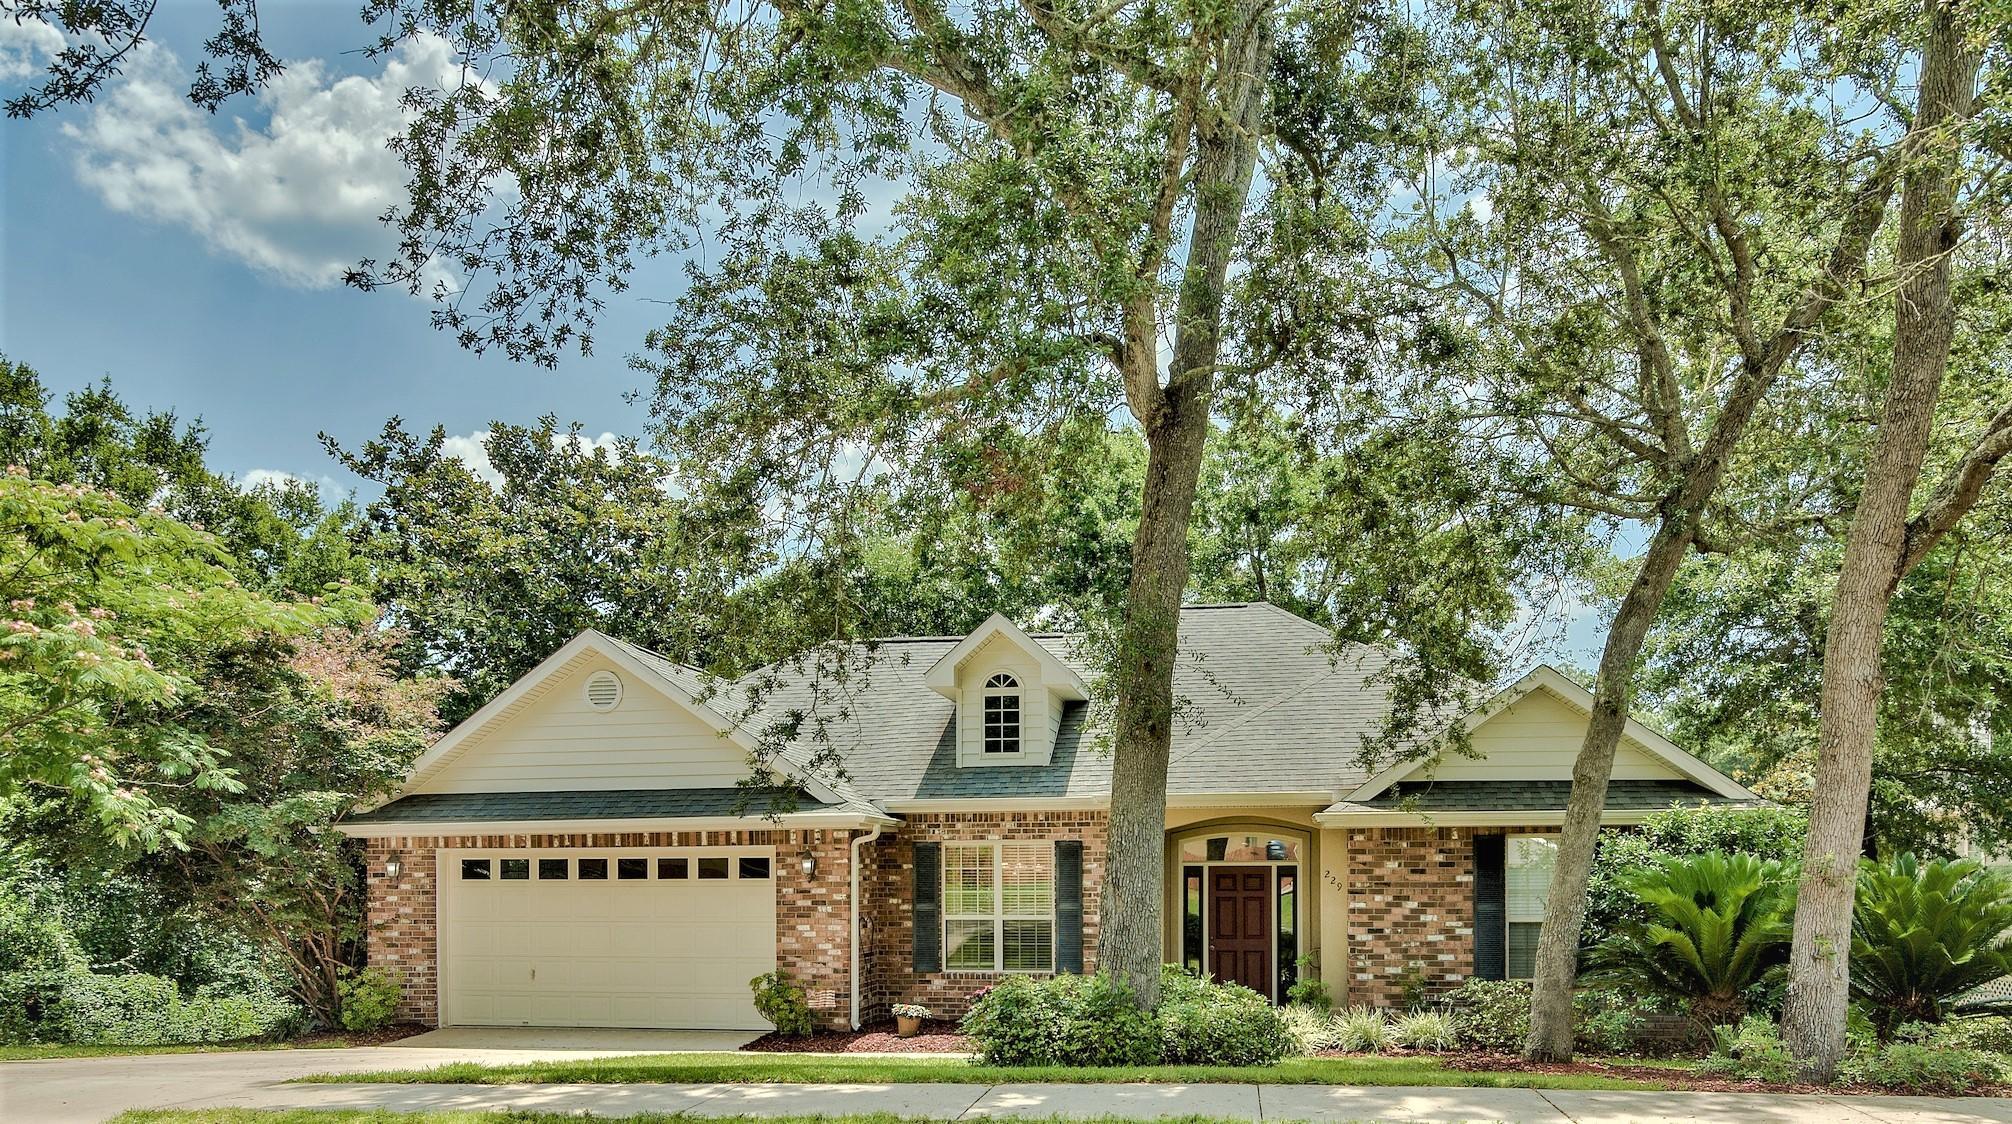 Photo of home for sale at 229 Hillside, Niceville FL